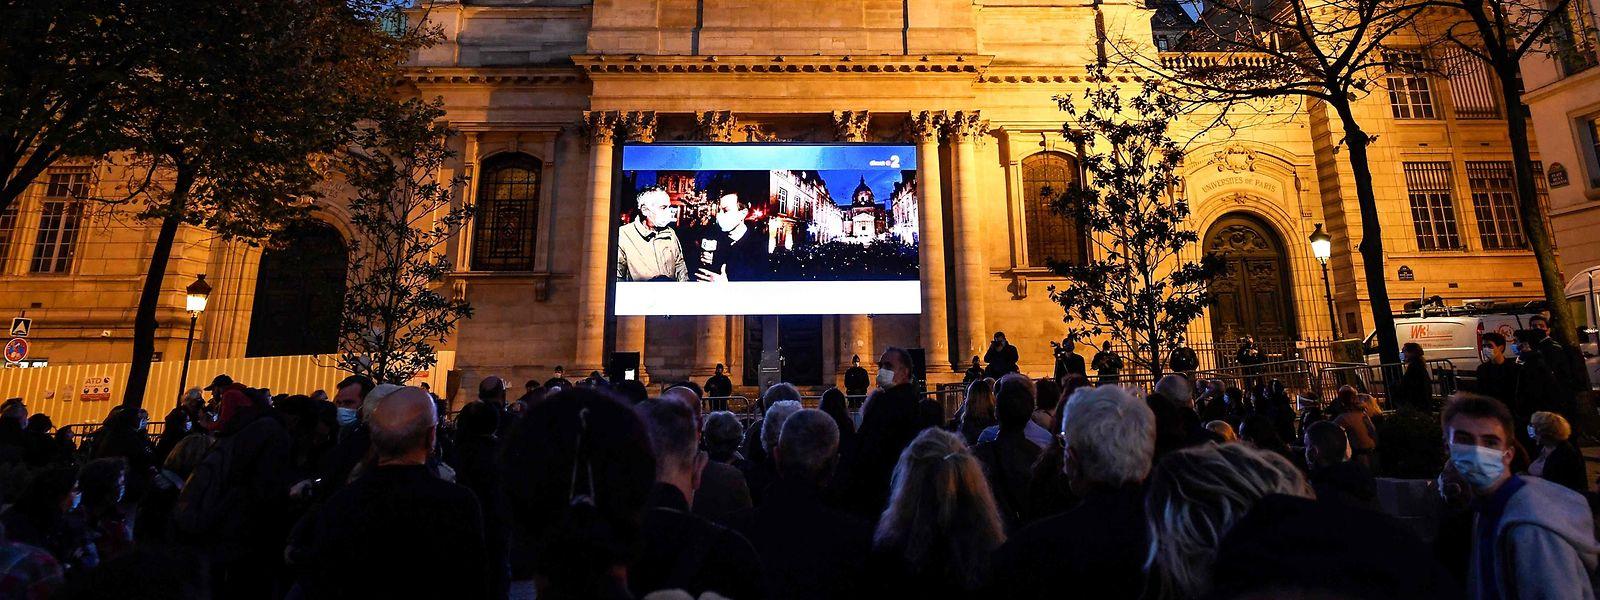 Paris: Eine Menschenmenge versammelt sich auf dem Place de la Sorbonne, um auf einer Leinwand eine Hommage an den Lehrer Samuel Paty zu verfolgen.